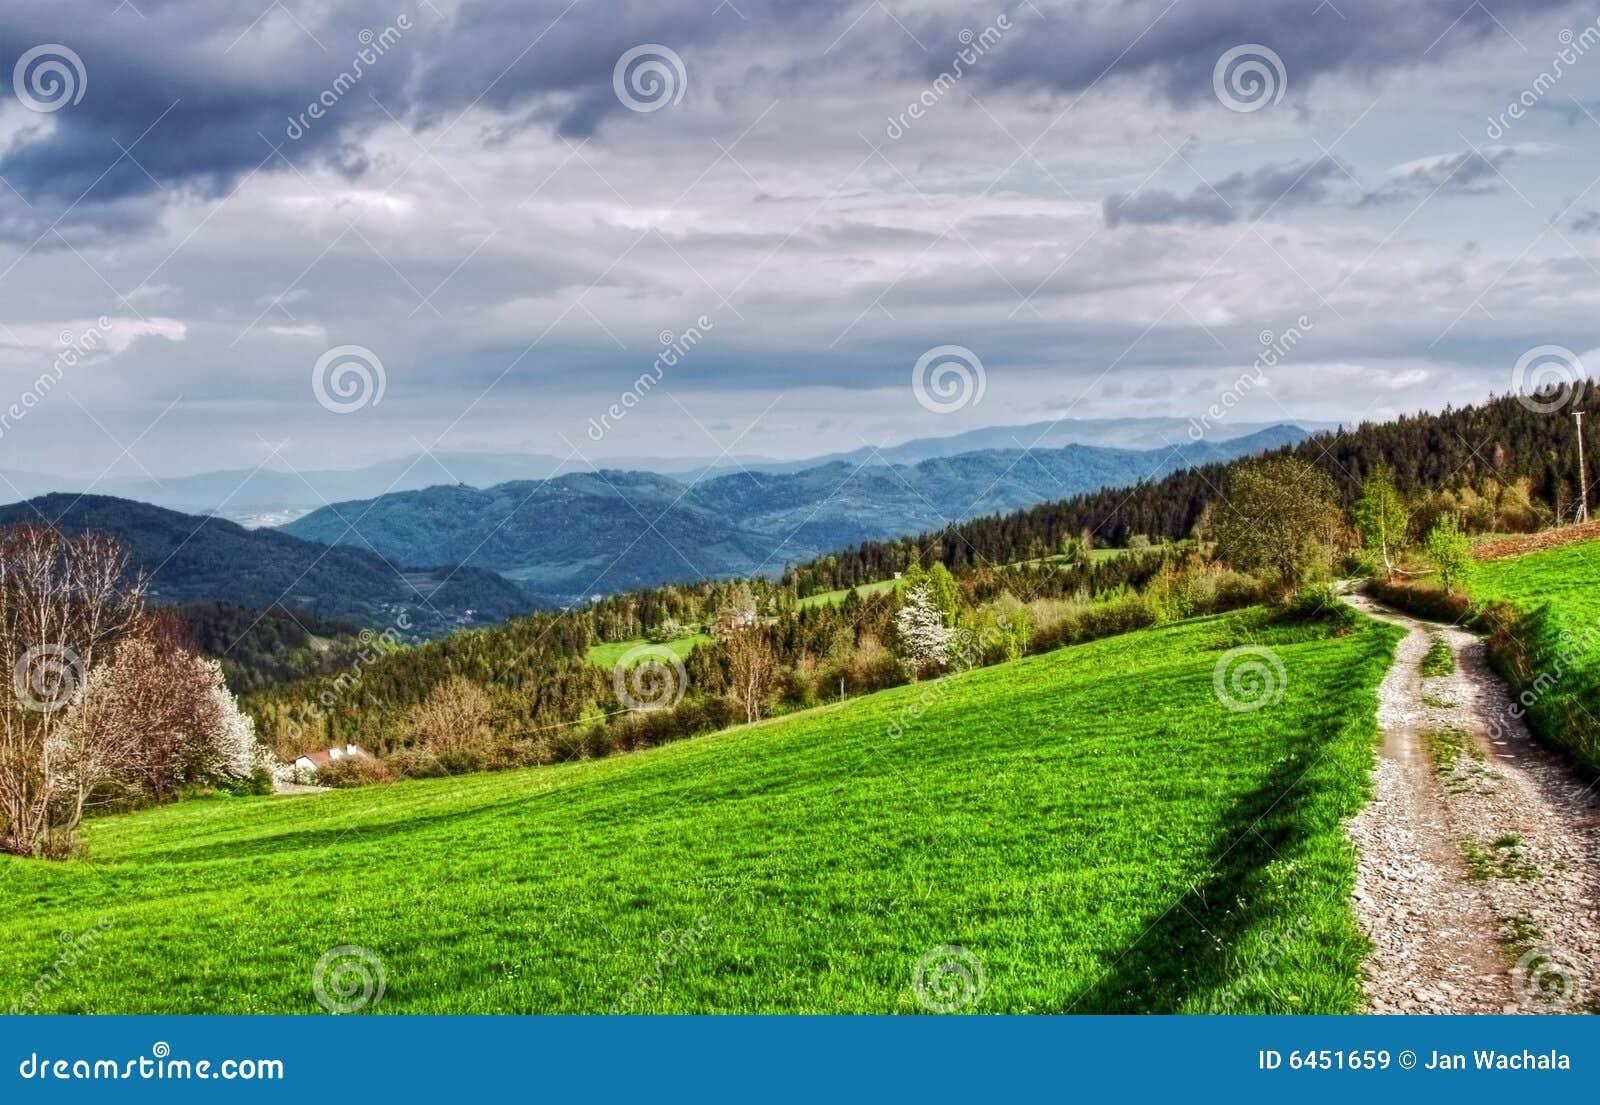 Zielone góry